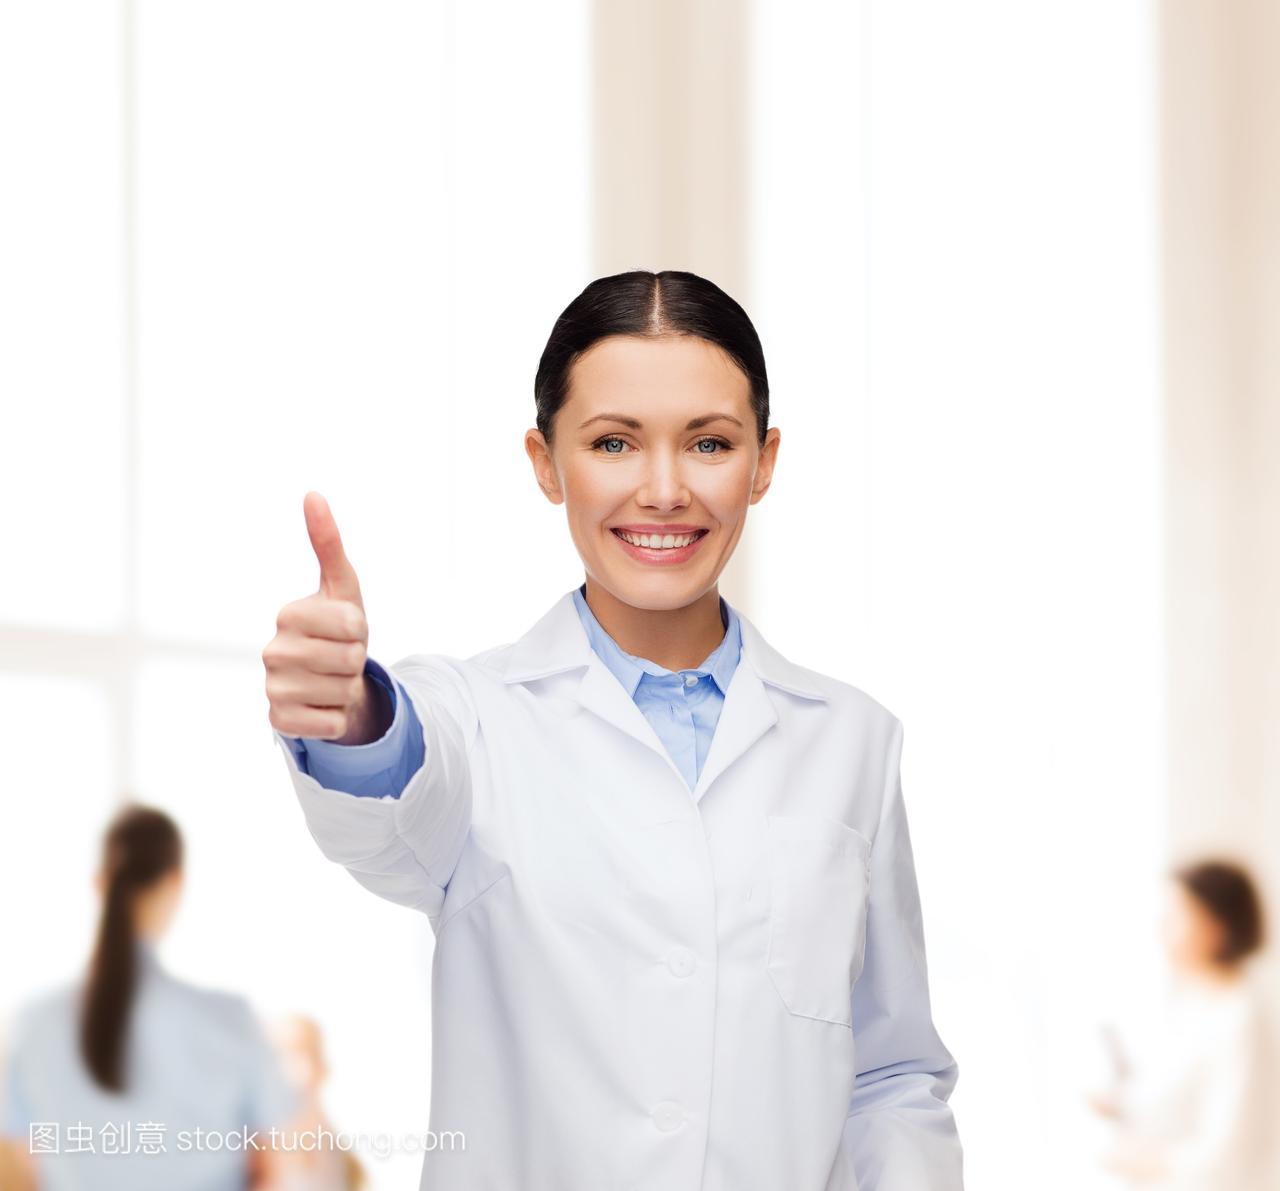 视频医疗,v视频儿科,人,格式,摩登,医师,医疗保险怎么人物转换下载人员图片